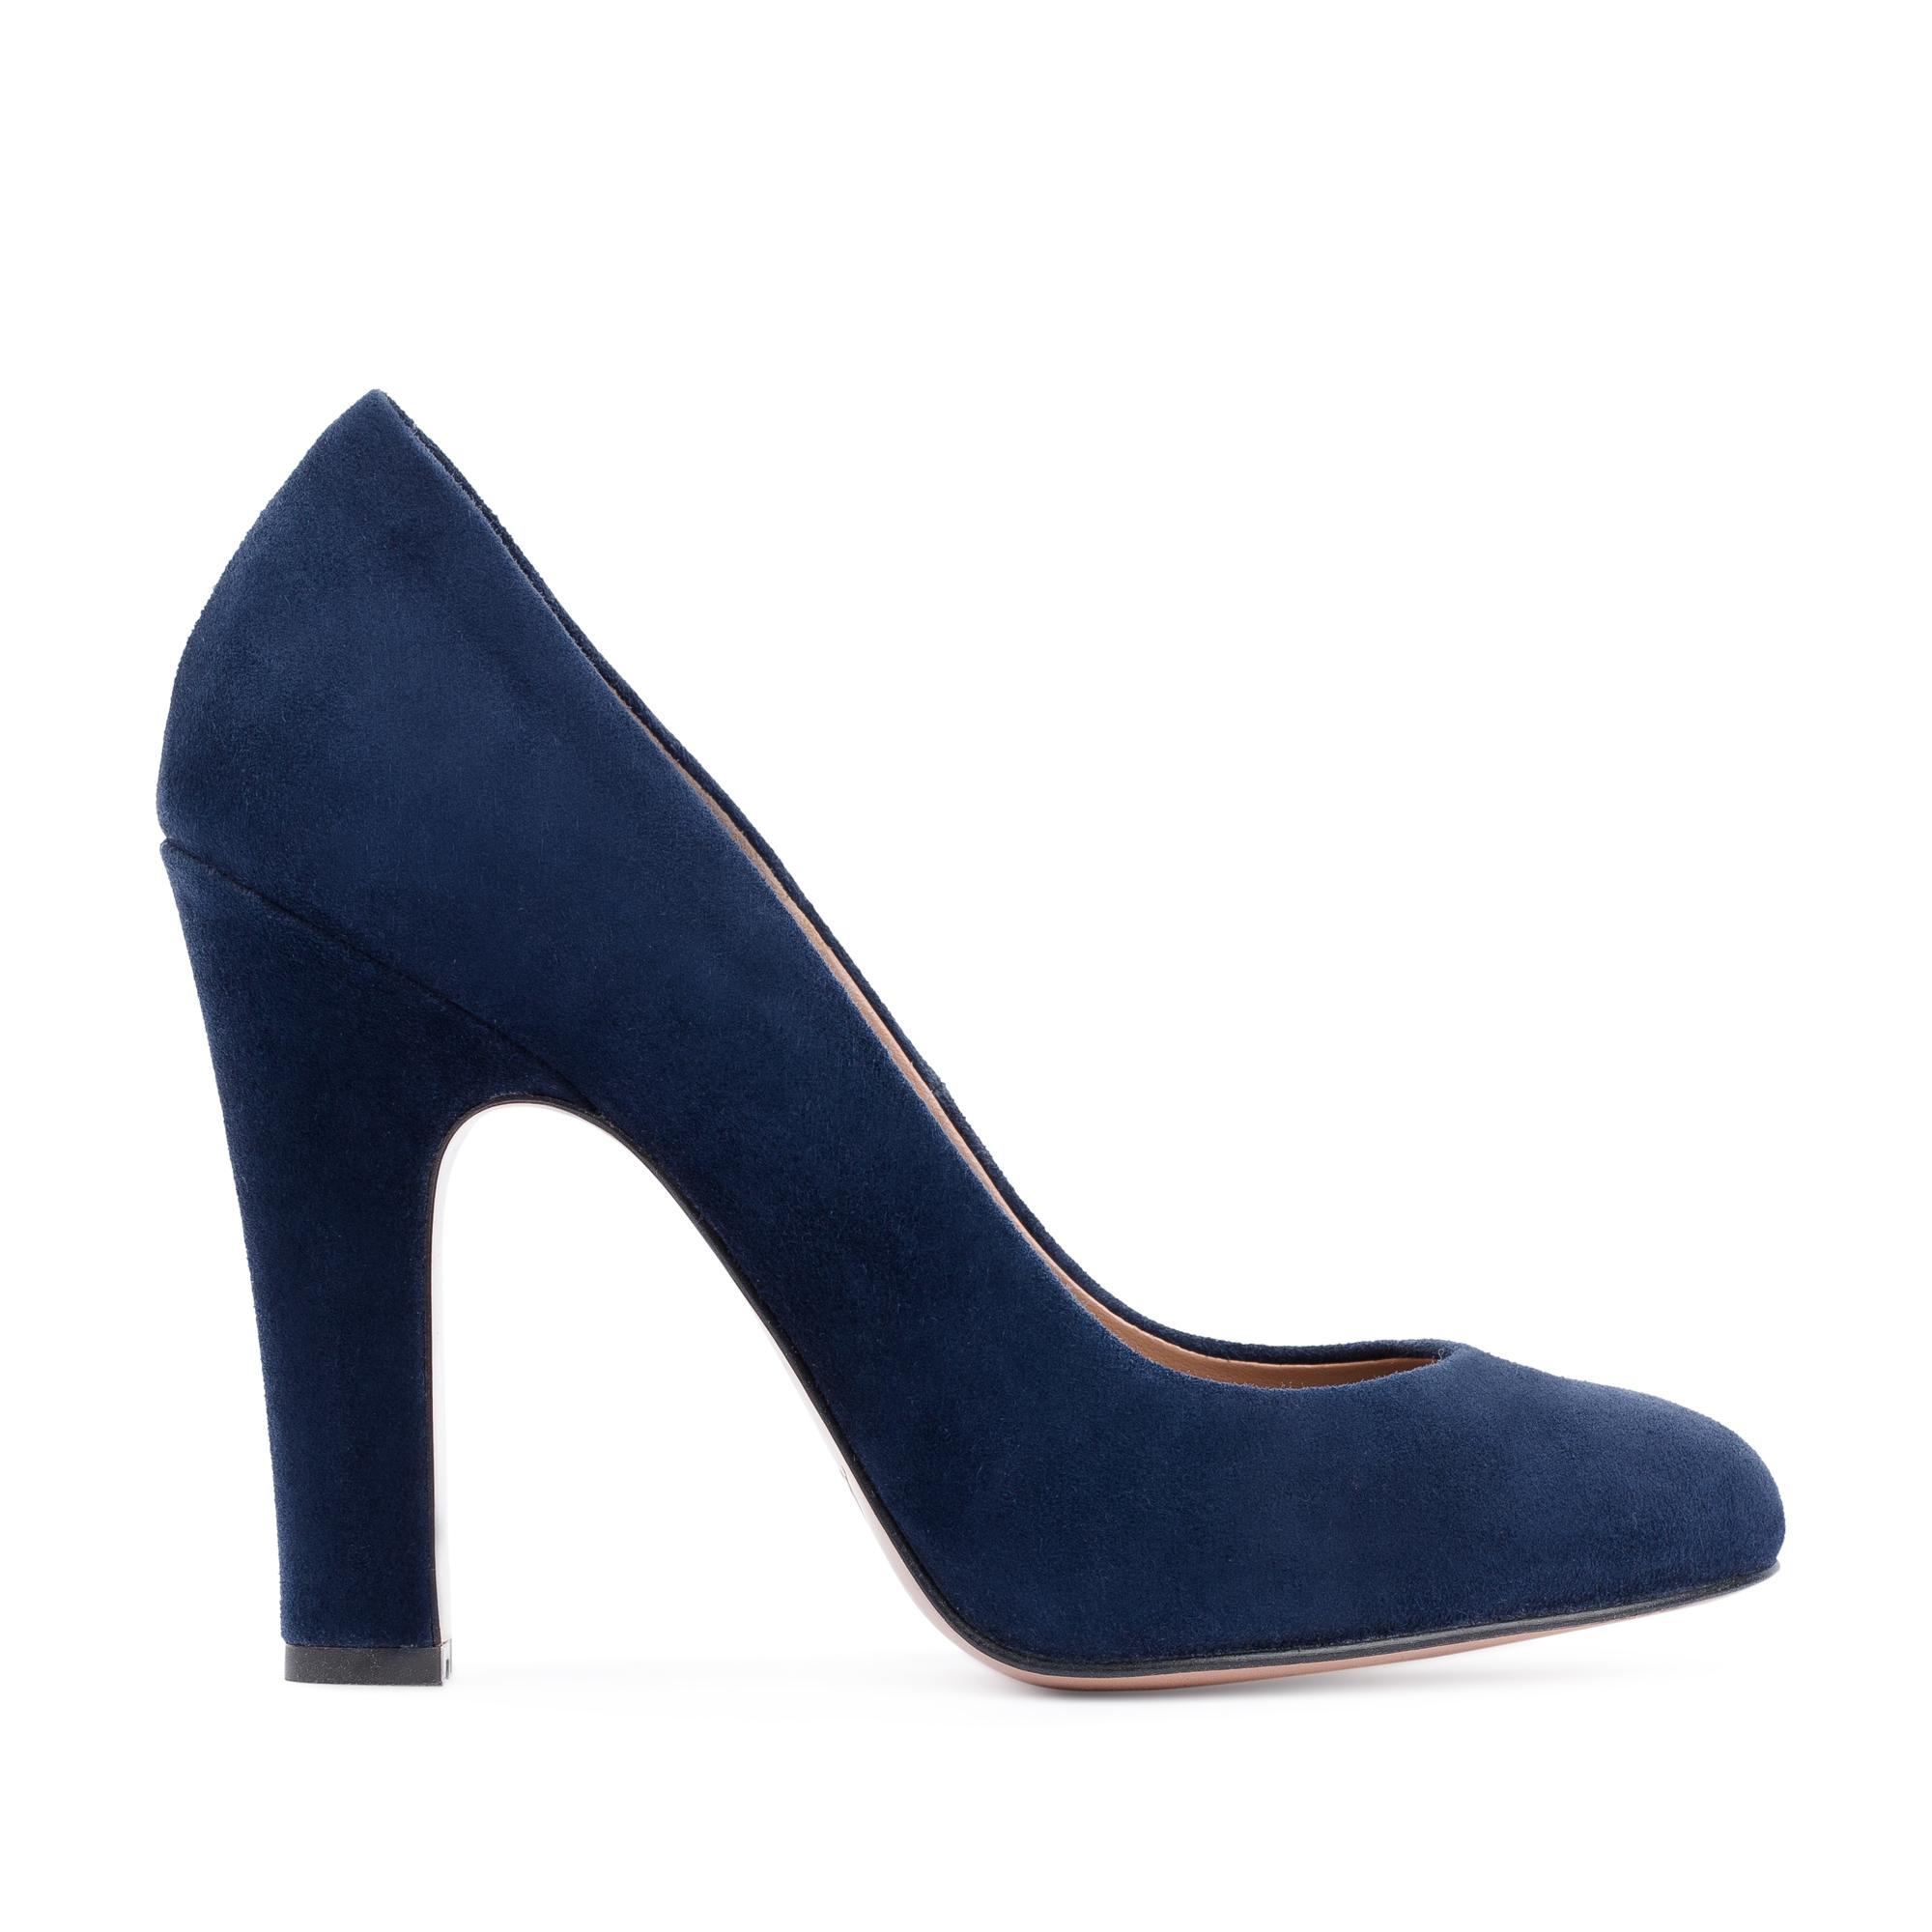 Туфли из замши сапфирового цвета на высоком устойчивом каблукеТуфли женские<br><br>Материал верха: Замша<br>Материал подкладки: Кожа<br>Материал подошвы: Кожа<br>Цвет: Синий<br>Высота каблука: 10 см<br>Дизайн: Италия<br>Страна производства: Китай<br><br>Высота каблука: 10 см<br>Материал верха: Замша<br>Материал подкладки: Кожа<br>Цвет: Синий<br>Вес кг: 0.47400000<br>Размер обуви: 37**